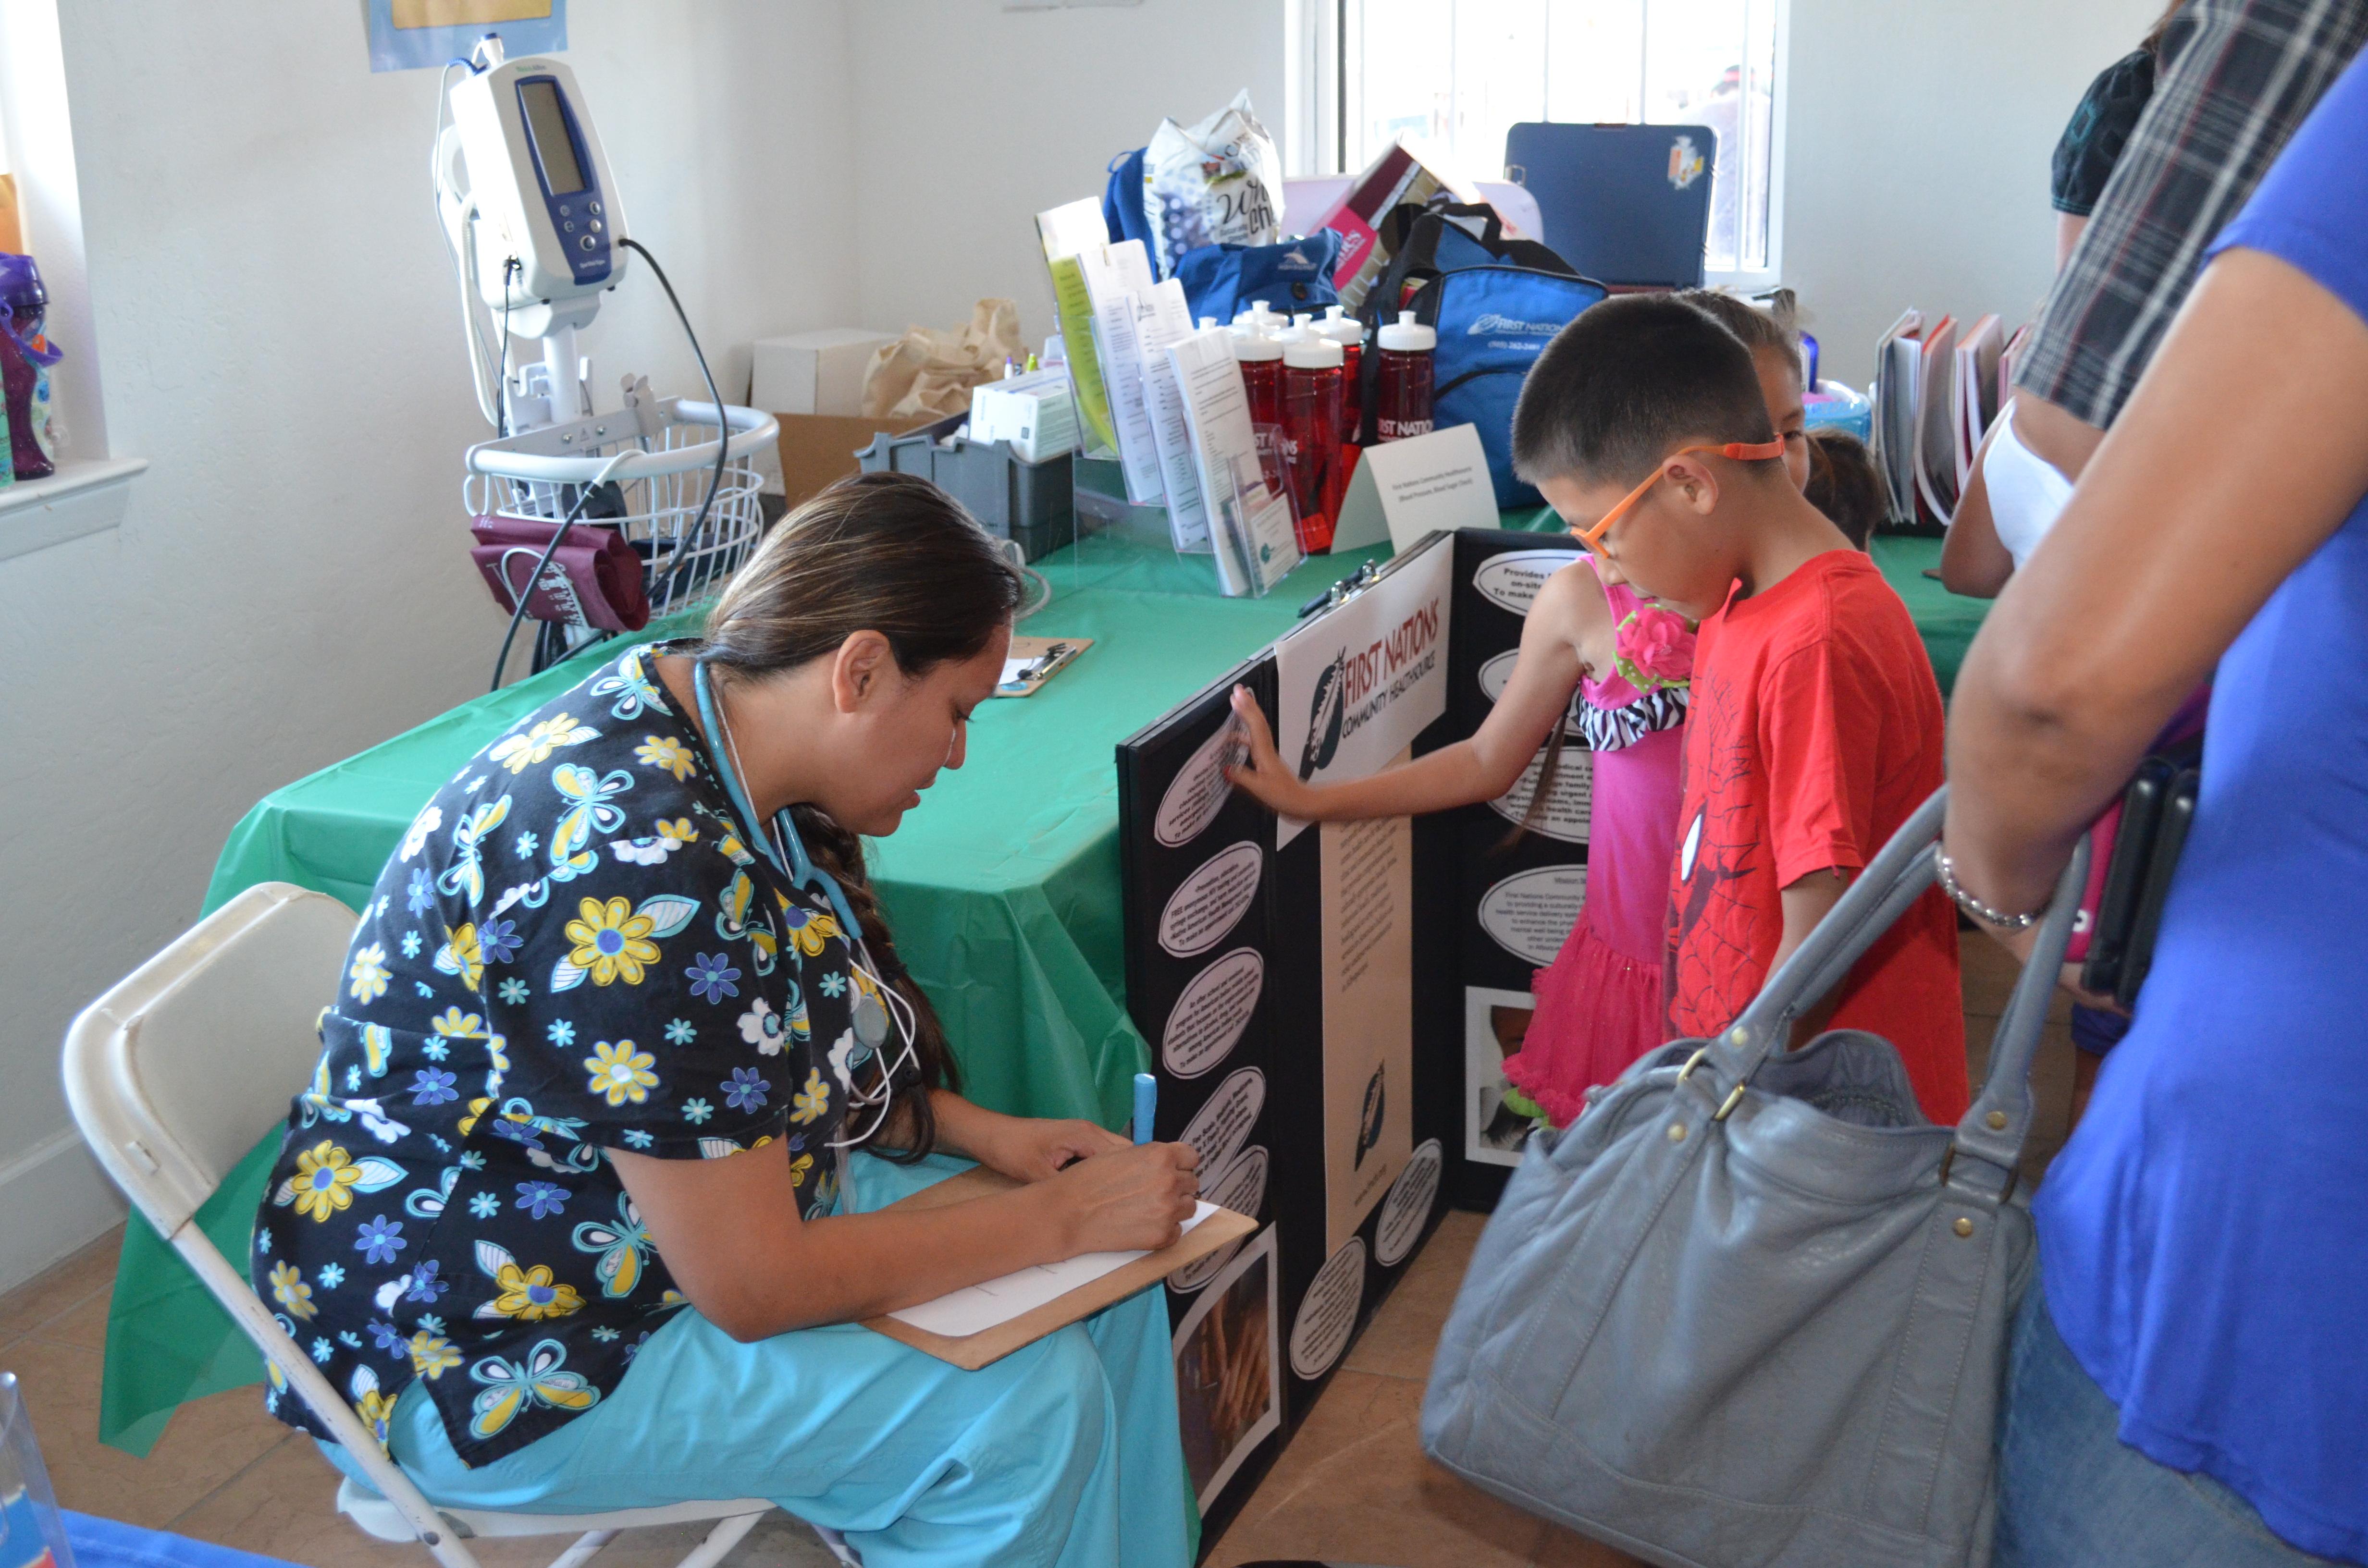 Krankenschwester mit Kindern in die Zwischenablage schreiben.